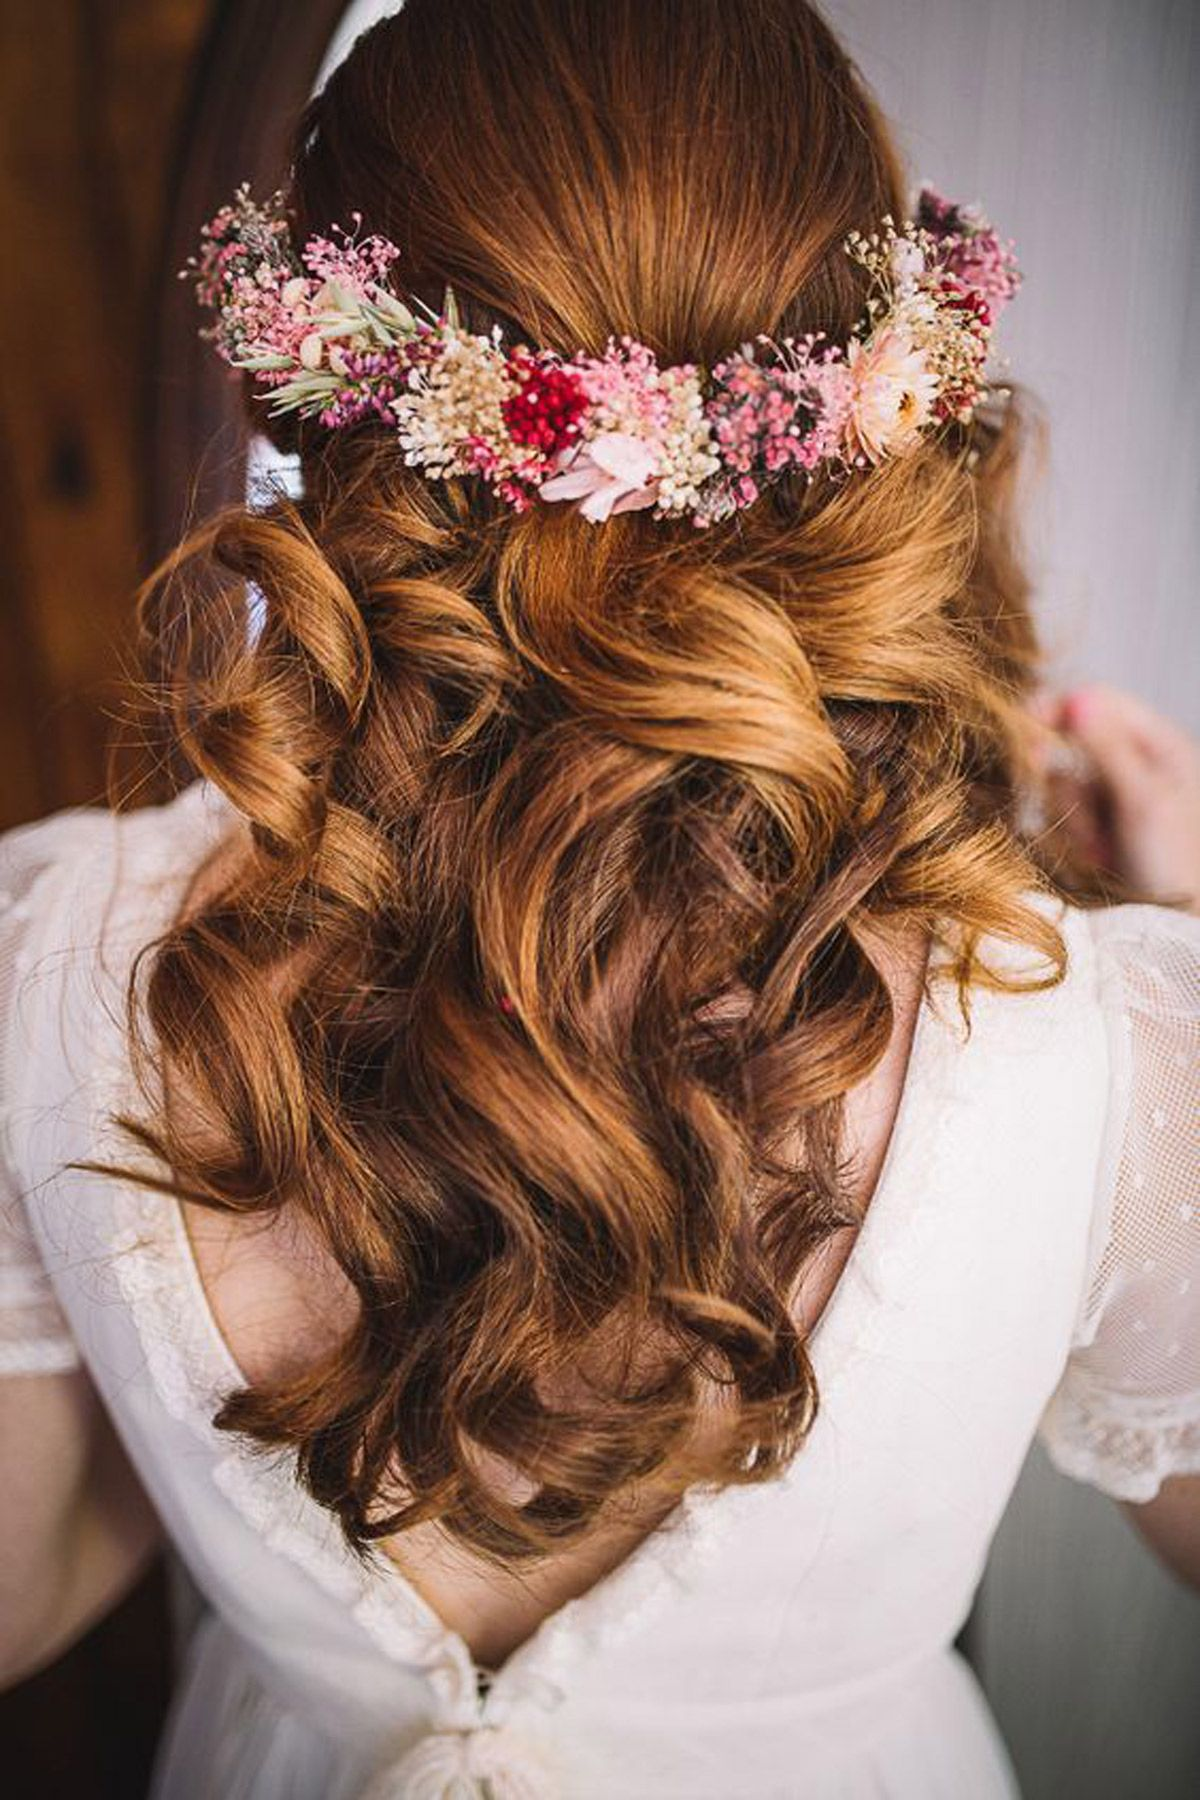 peinado con adornos florales